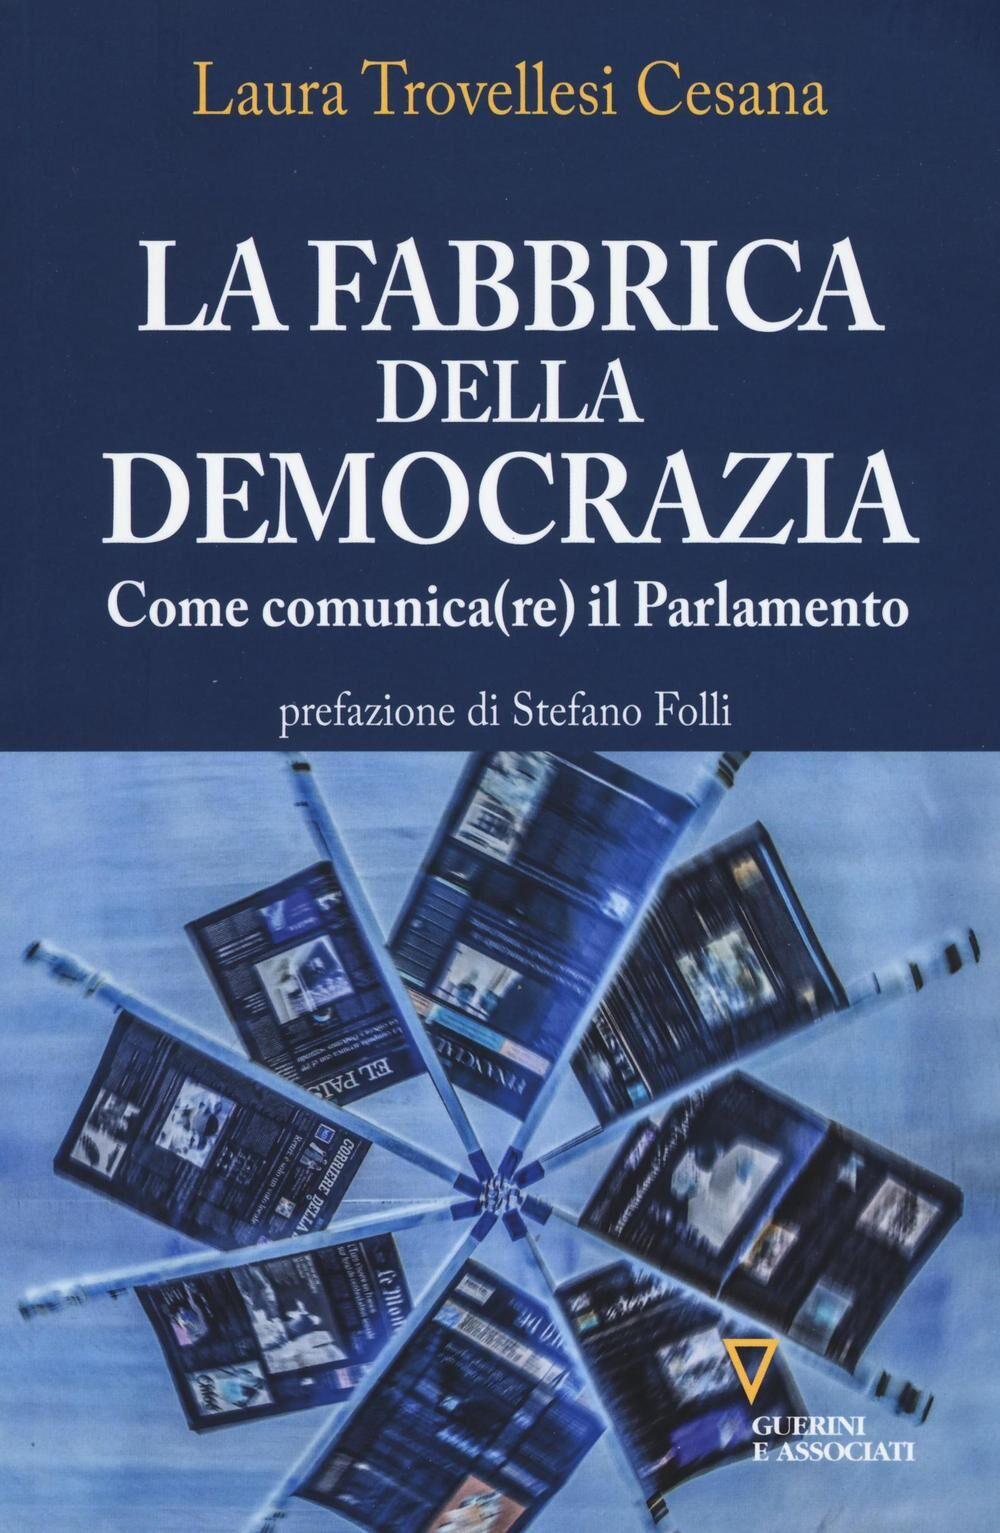 La fabbrica della democrazia. Come comunica(re) il parlamento